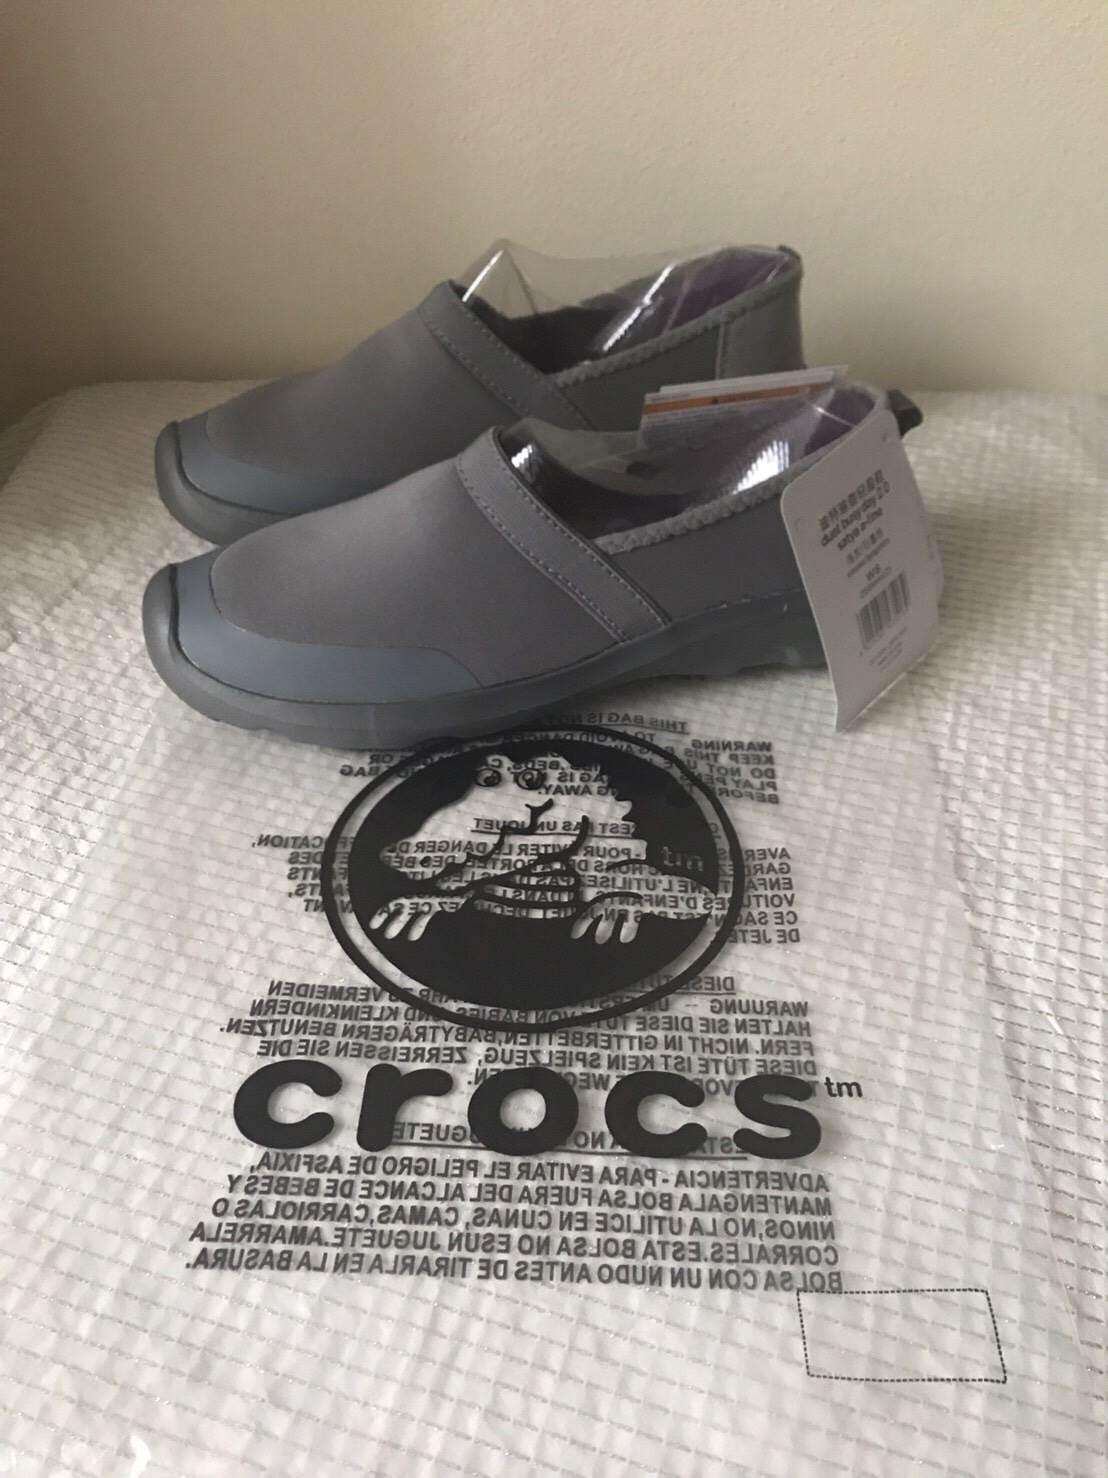 รองเท้า Crocs Duet Busy Day 2.0 Satya A,line สีเทาดำ ราคา 1,290 บาท free ems